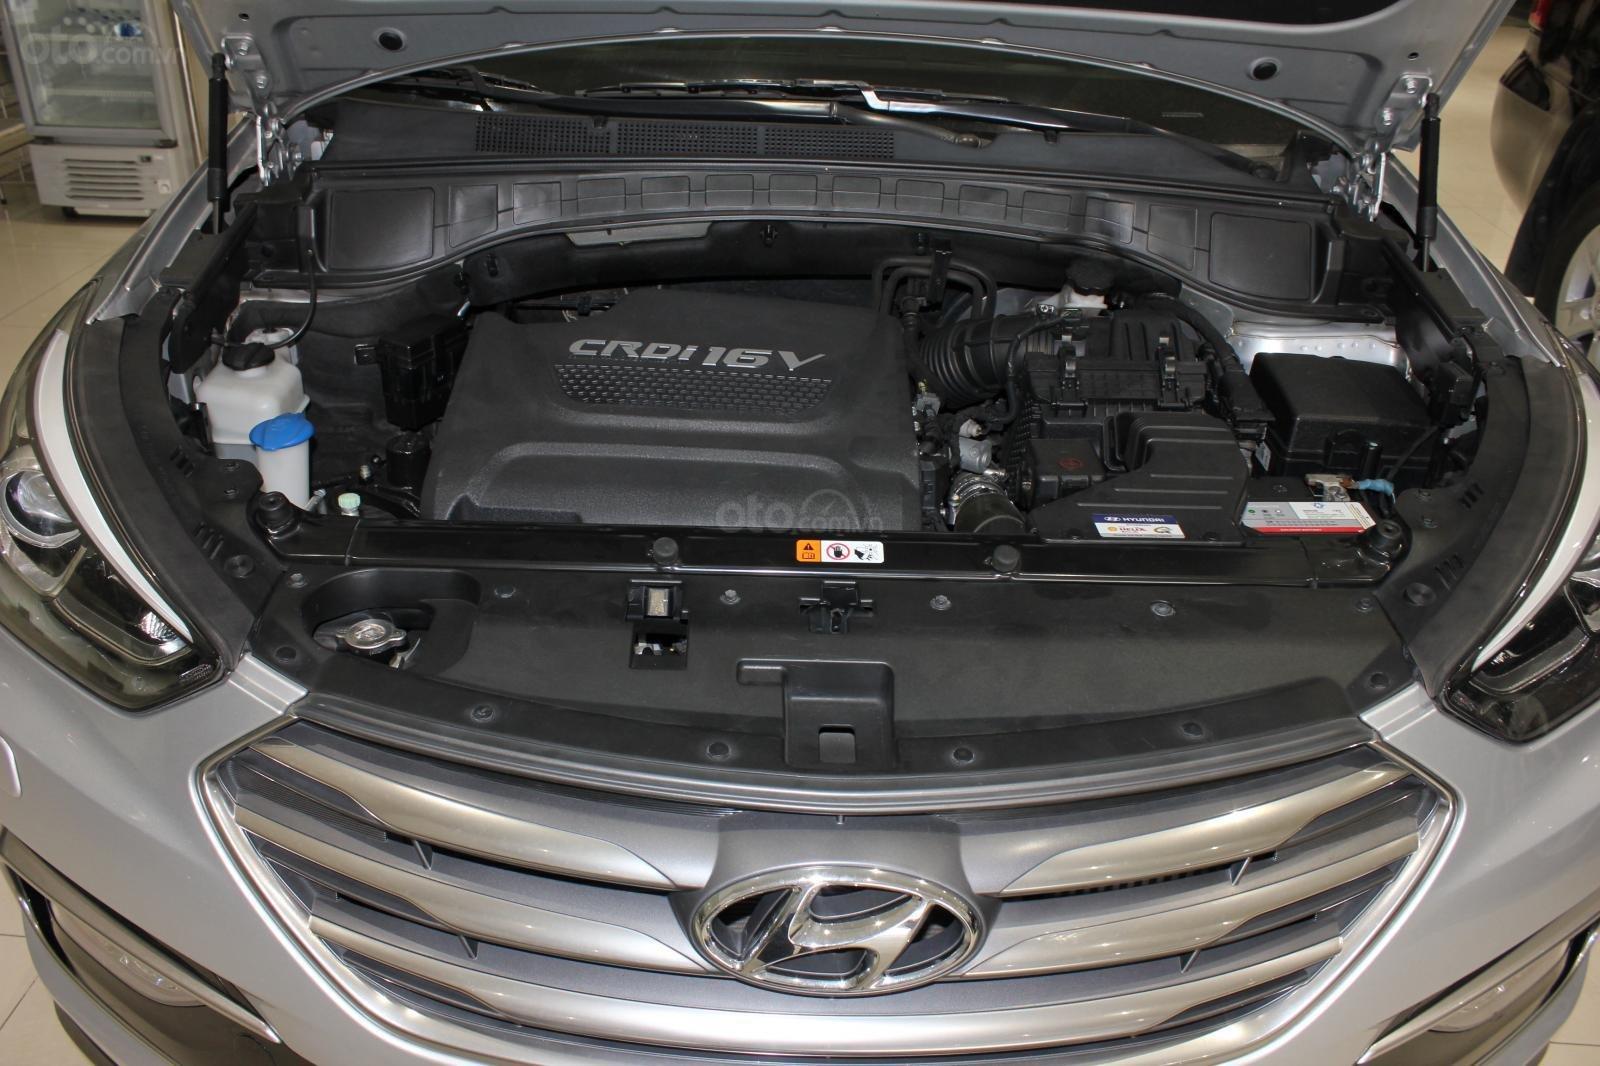 Bán xe Hyundai Santa Fe 2.2 4WD năm sản xuất 2017, màu bạc (19)